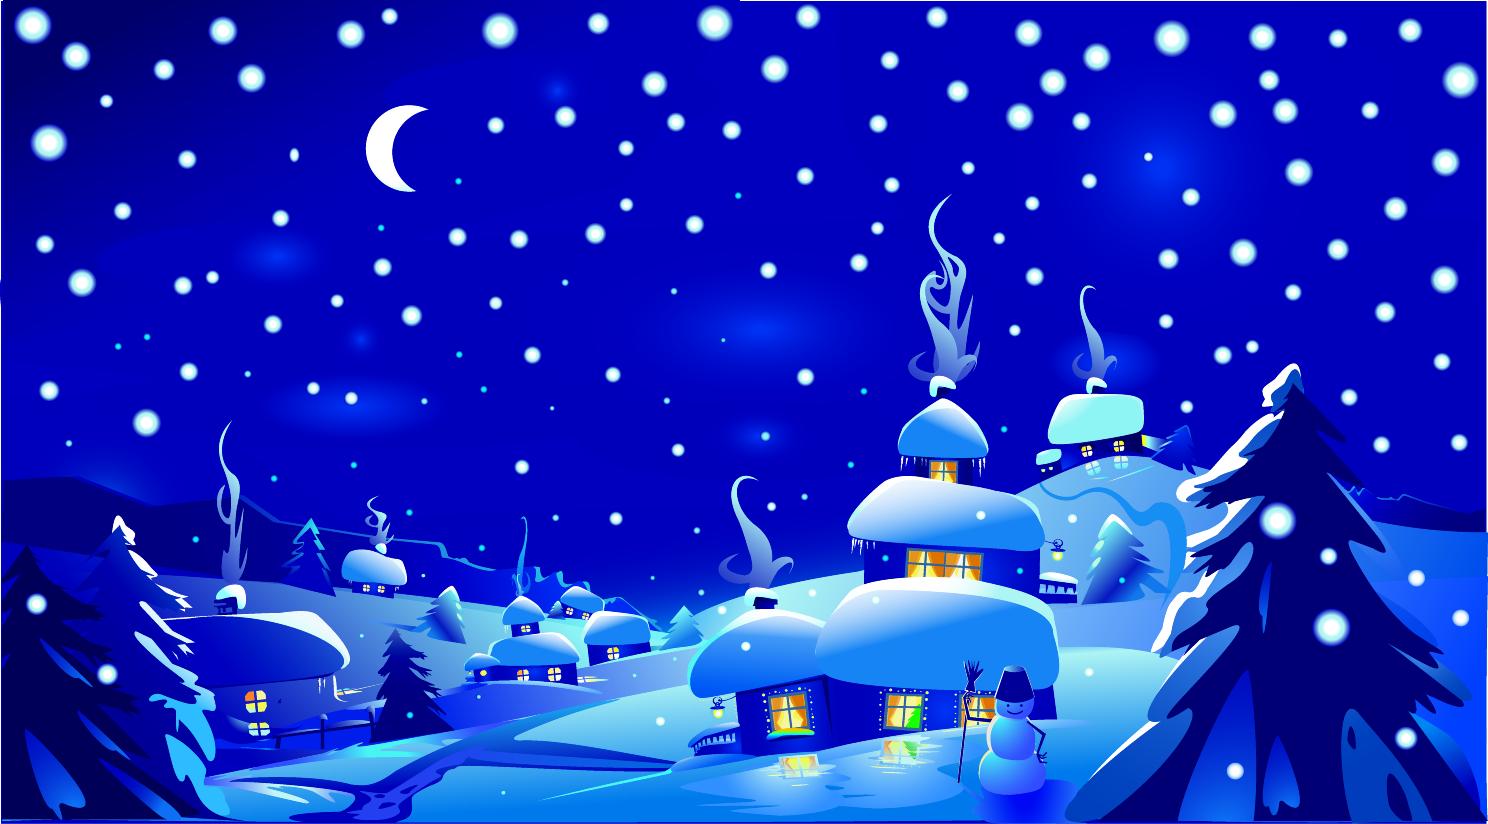 Arreglos De La Navidad Ultra Hd Wallpapers Fondos De: Fondos De Navidad Para Collages Gratis En Hd Gratis 13 HD